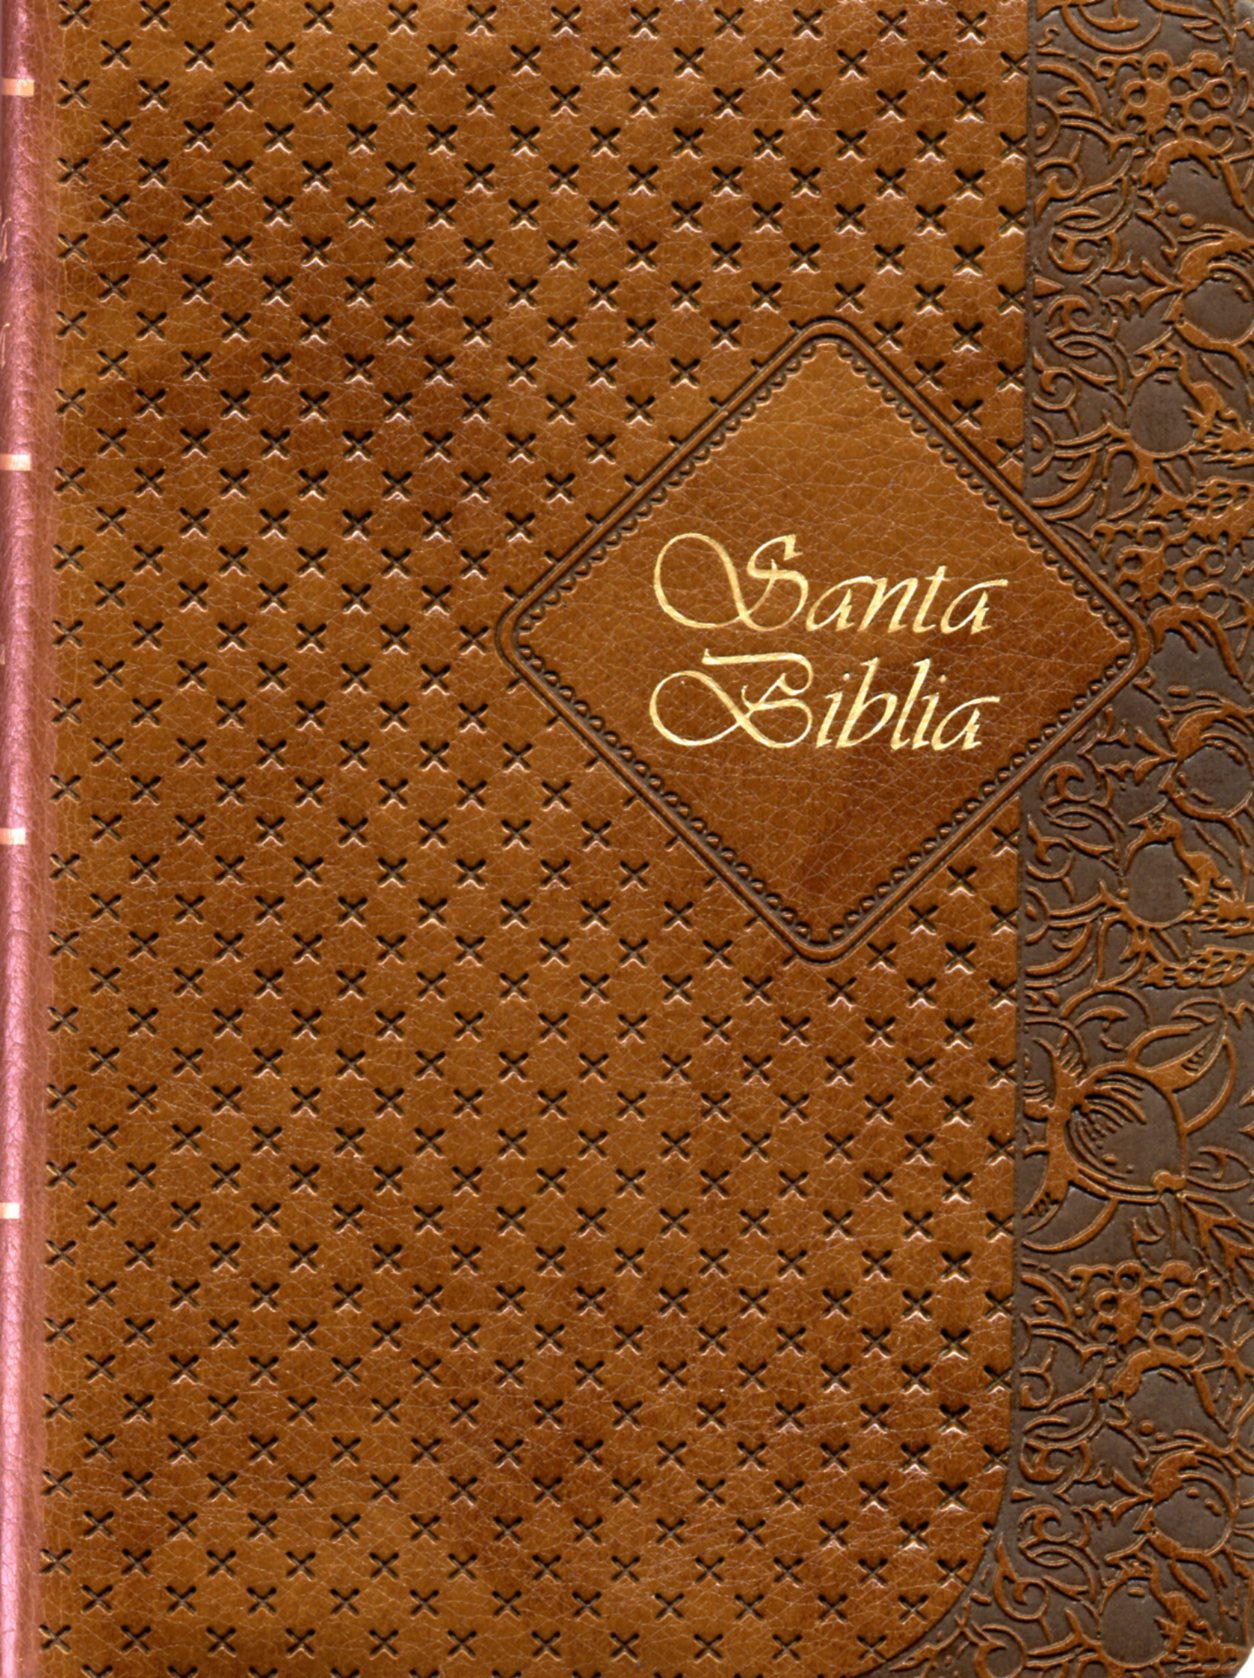 Biblia RVR25cTI Cafe Canto Dorado